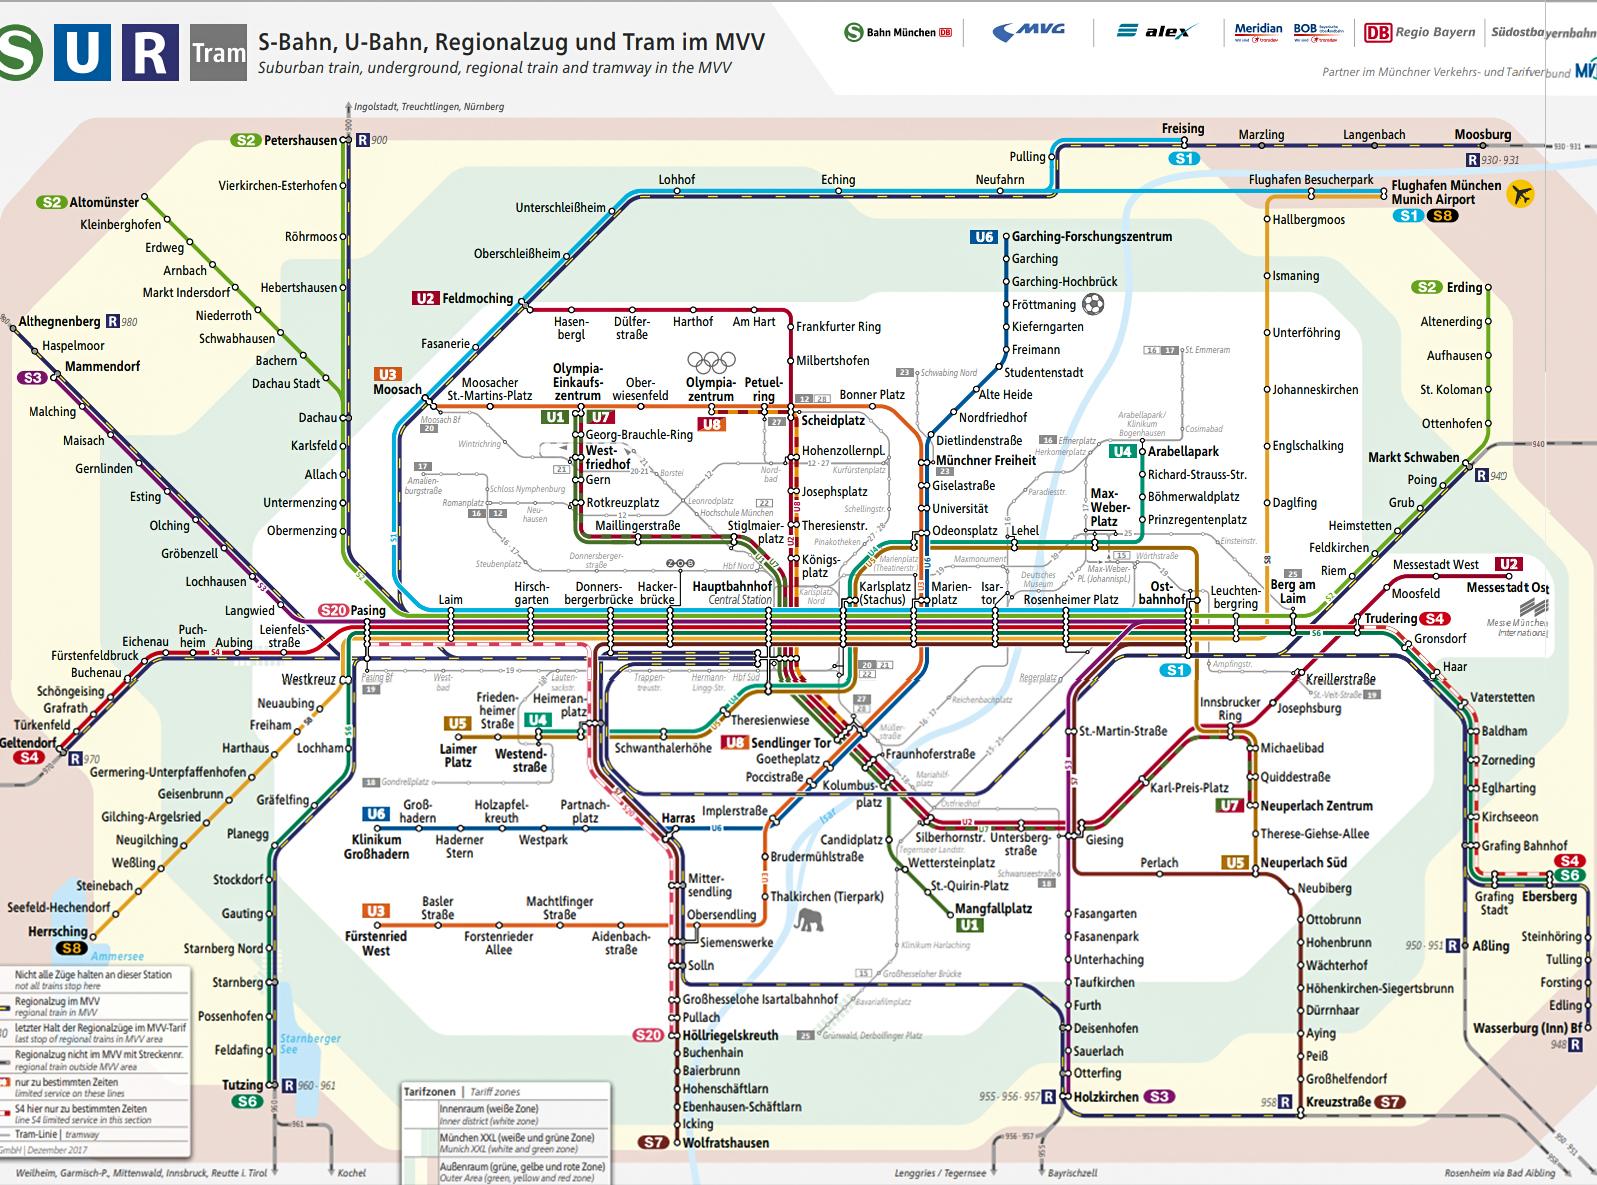 Mappa del servizio ferroviario suburbano (S) e regionale (R), delle linee della metro (U) e del tram - Monaco di Baviera